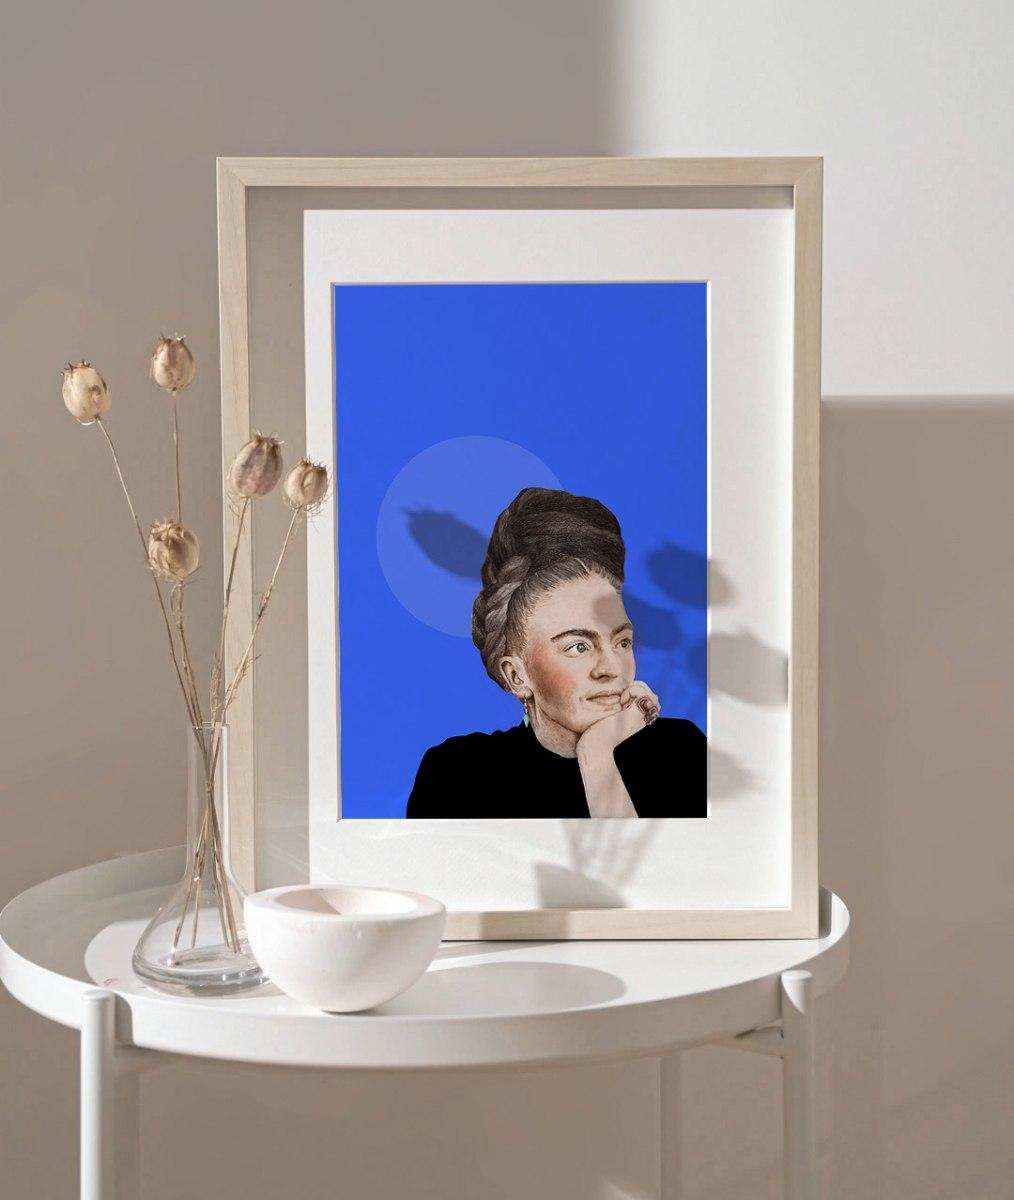 הדפס ציור - פרידה קאלו טרופית כחולה